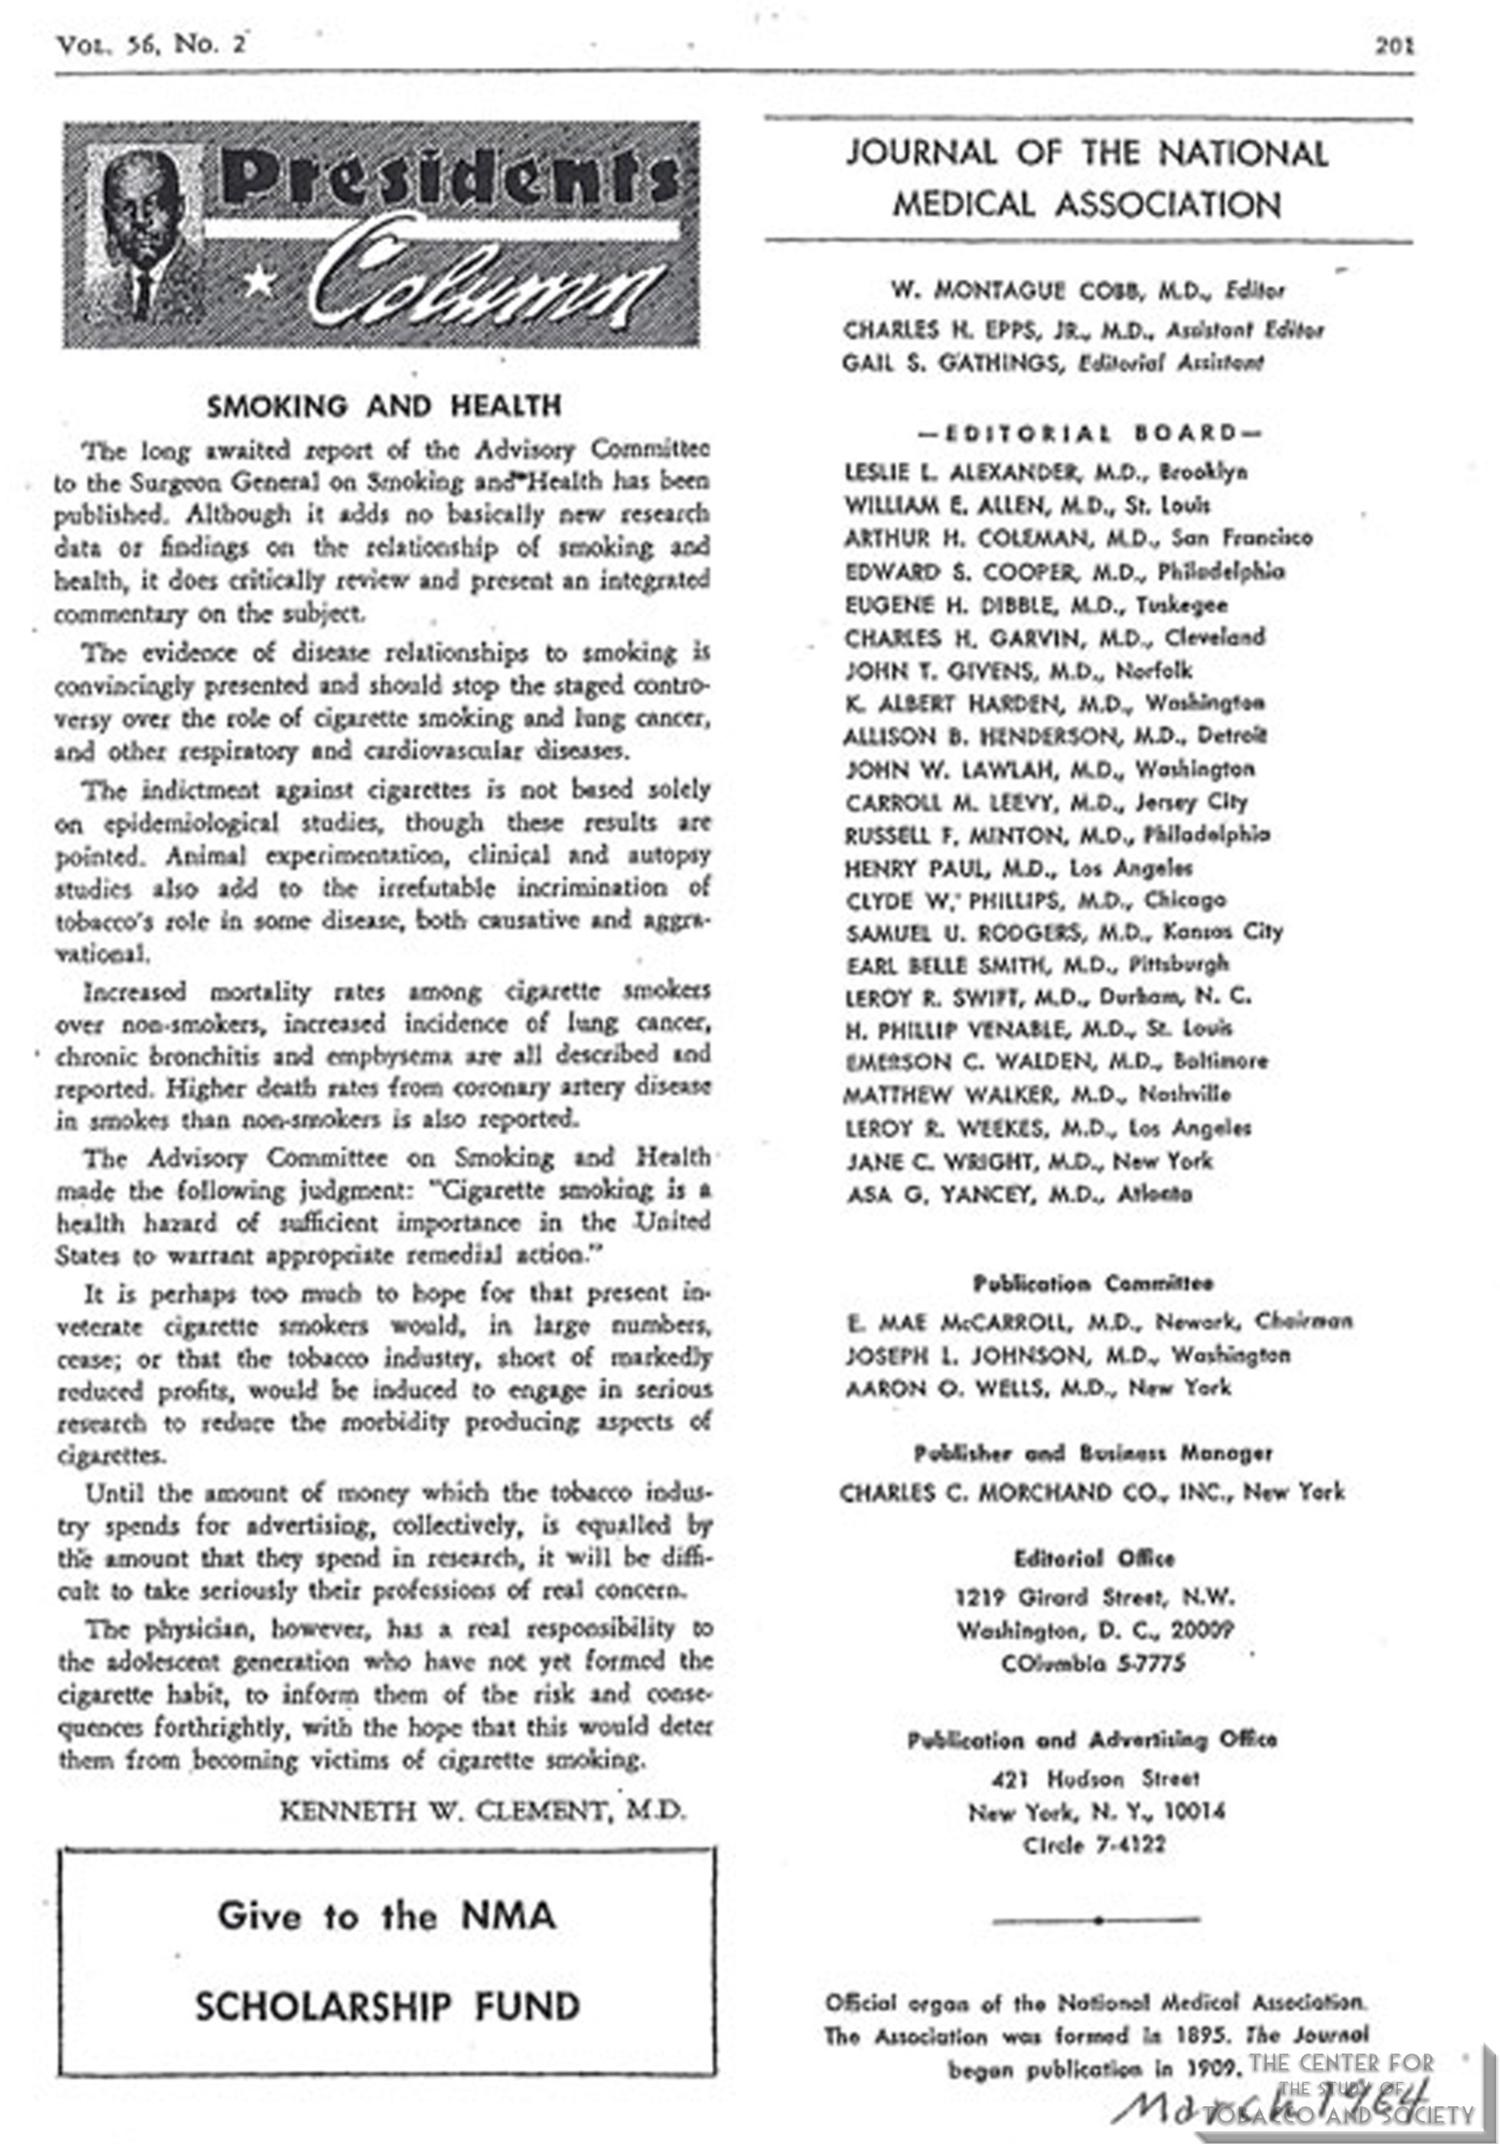 1964 03 JNMA Smoking Health copy